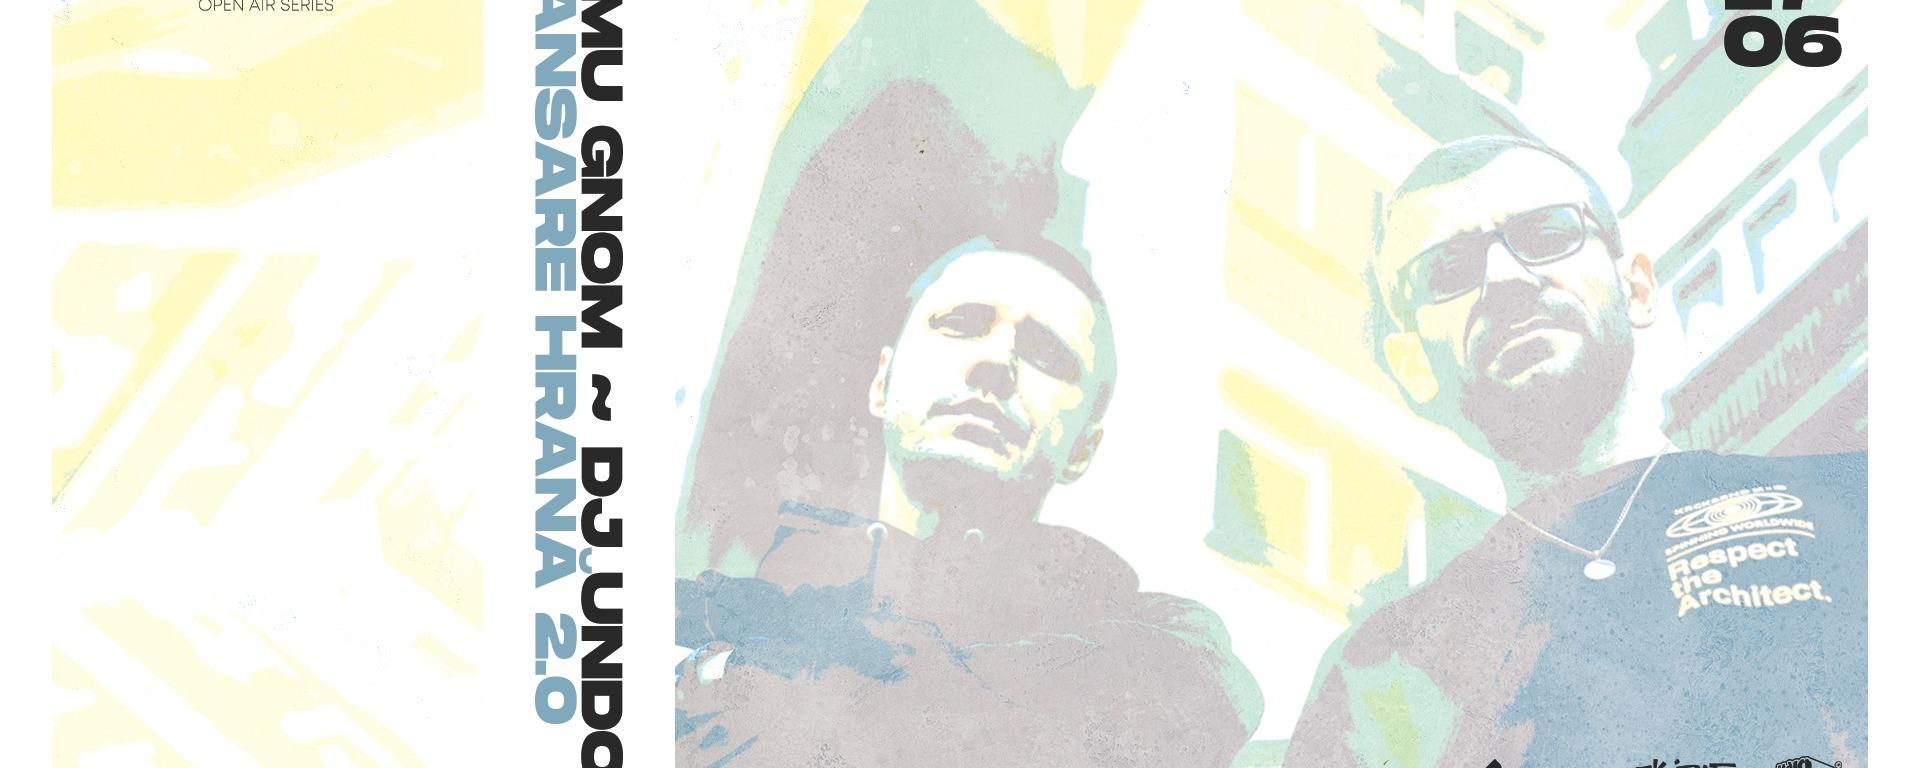 """Omu Gnom ~ DJ Undoo • Lansare """"Hrană 2.0"""" • CONCRETE Open Air Series • 17.06"""